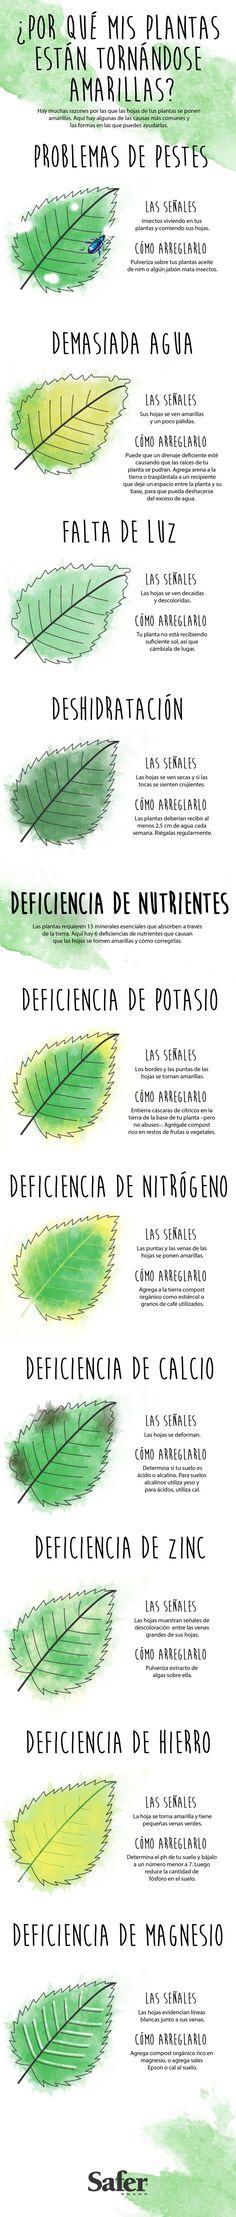 Todo lo que necesitas para saber cómo mejorar la salud de tus plantas amarillentas.